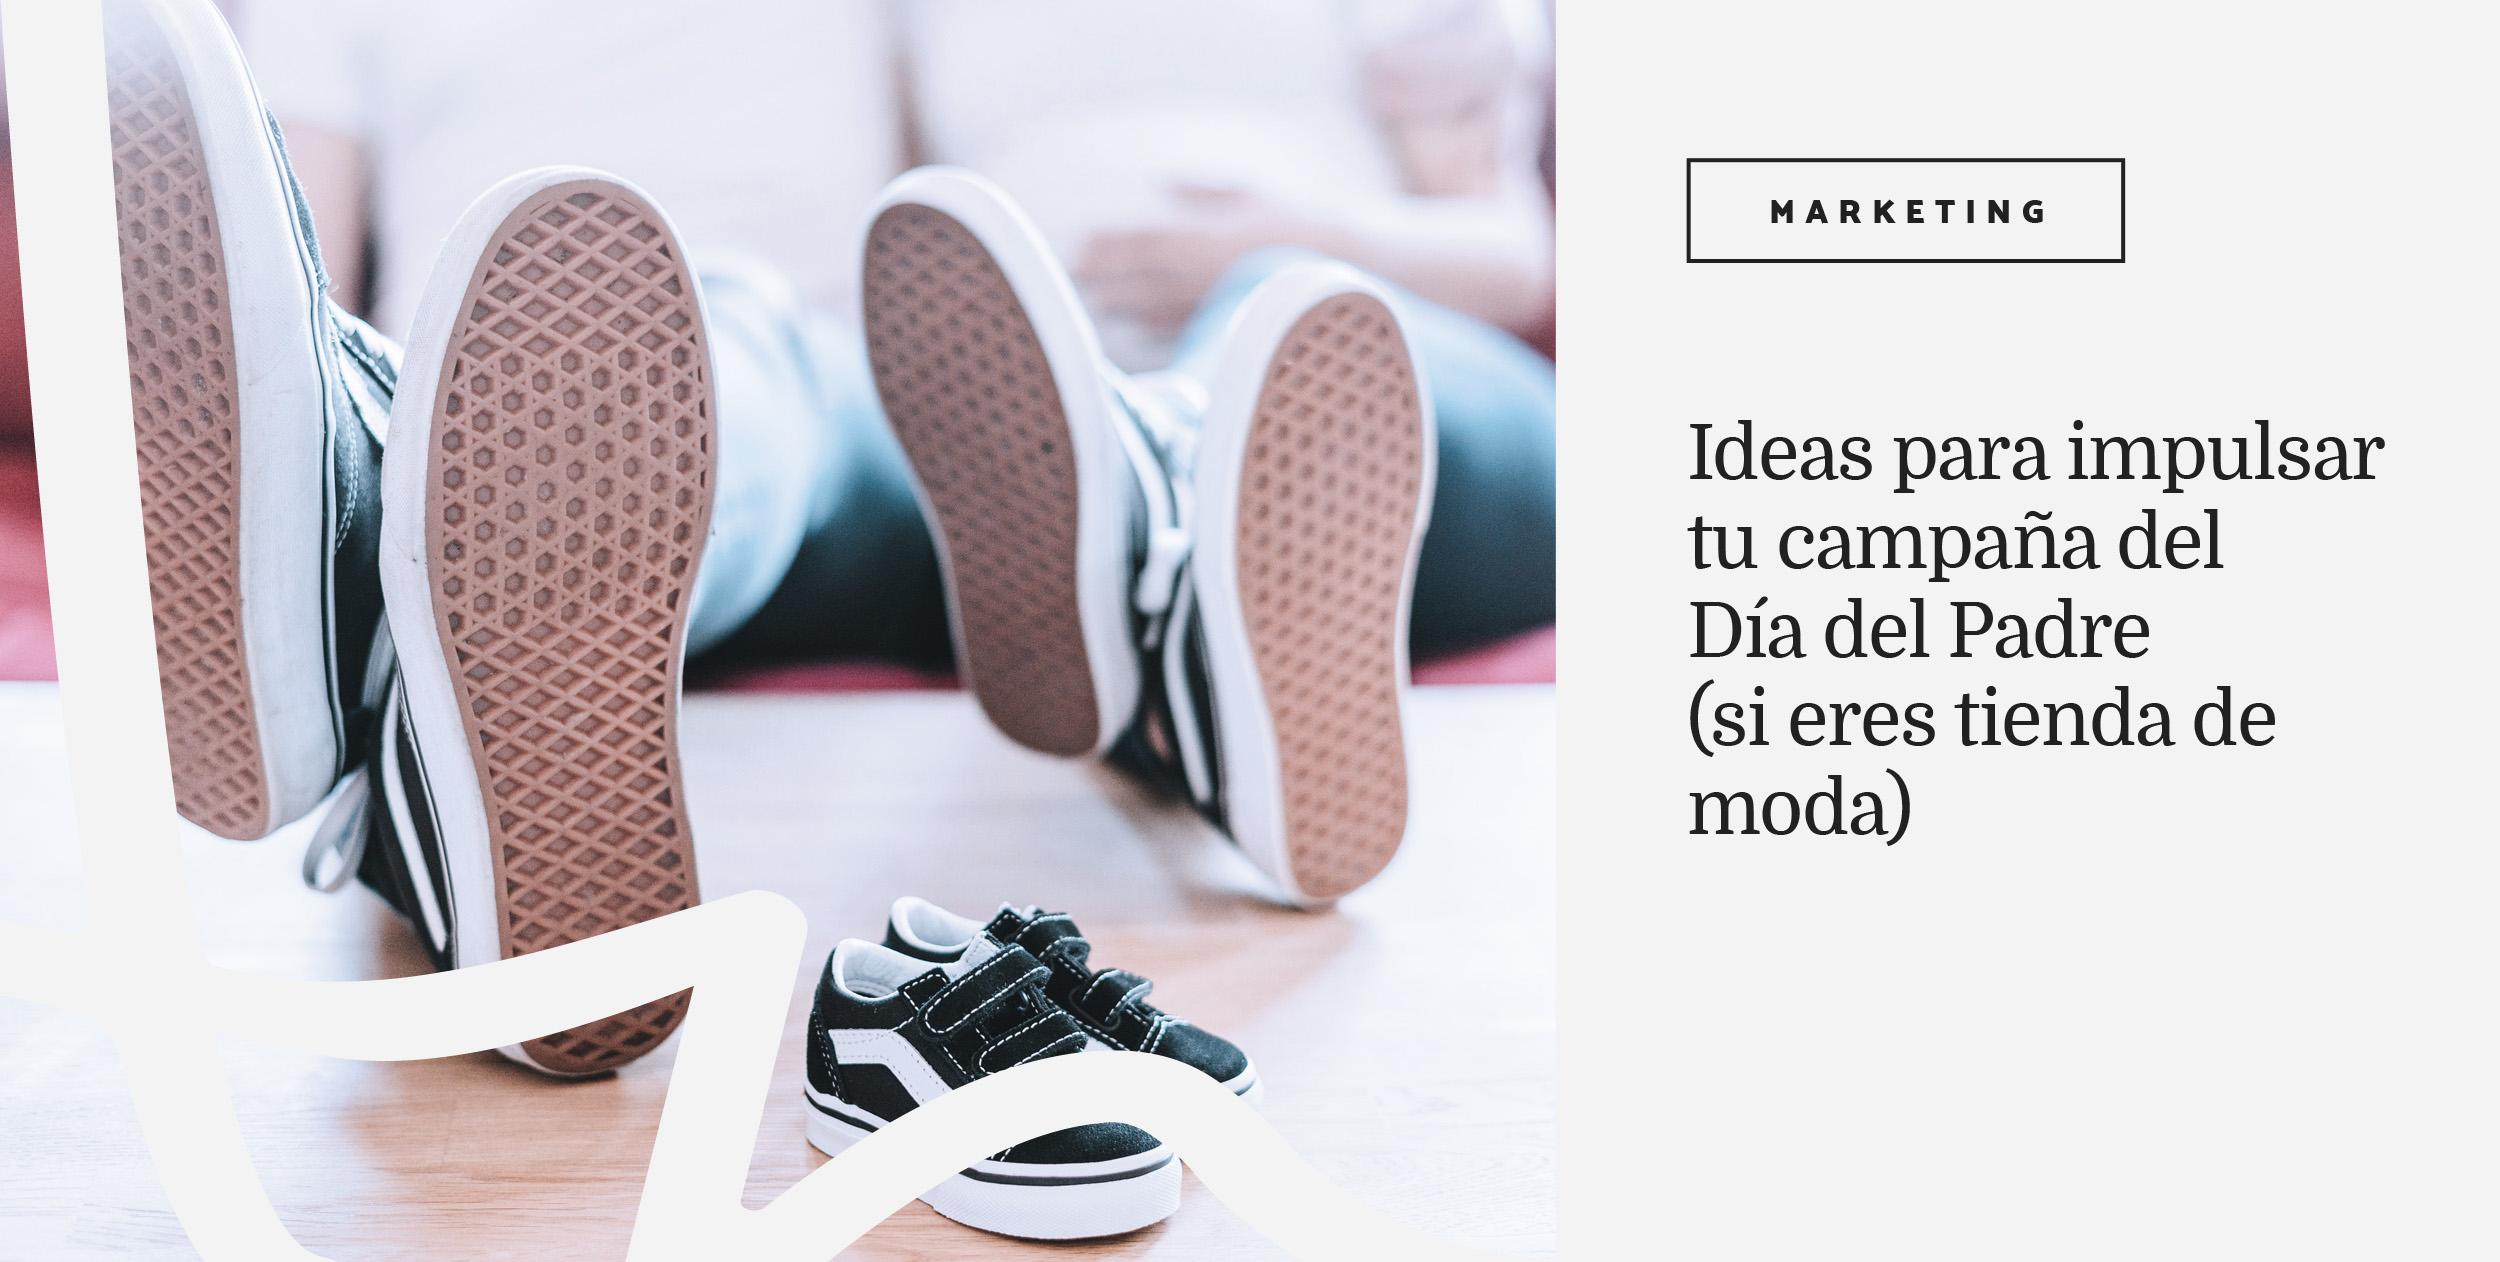 ideas-de-Marketing-Dia-del-padre-ecommerce-moda-Ana-Diaz-del-Rio-consultora.jpg